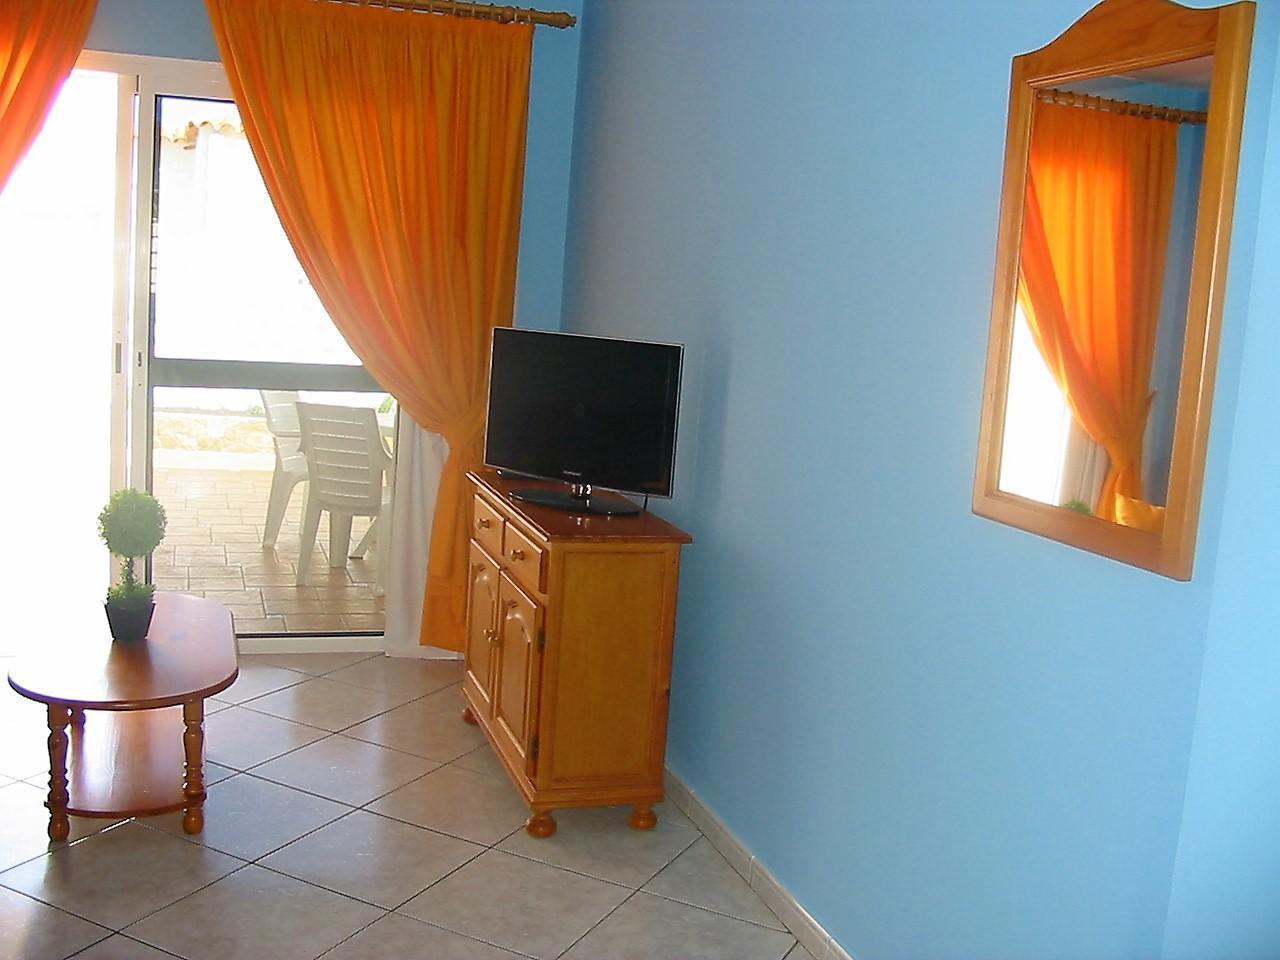 Ferienwohnung Bungalow mit Charme  nahe dem Strand und dem Meer, mit großem Terrasse 25 m. WIFI (497106), Costa Calma, Fuerteventura, Kanarische Inseln, Spanien, Bild 12